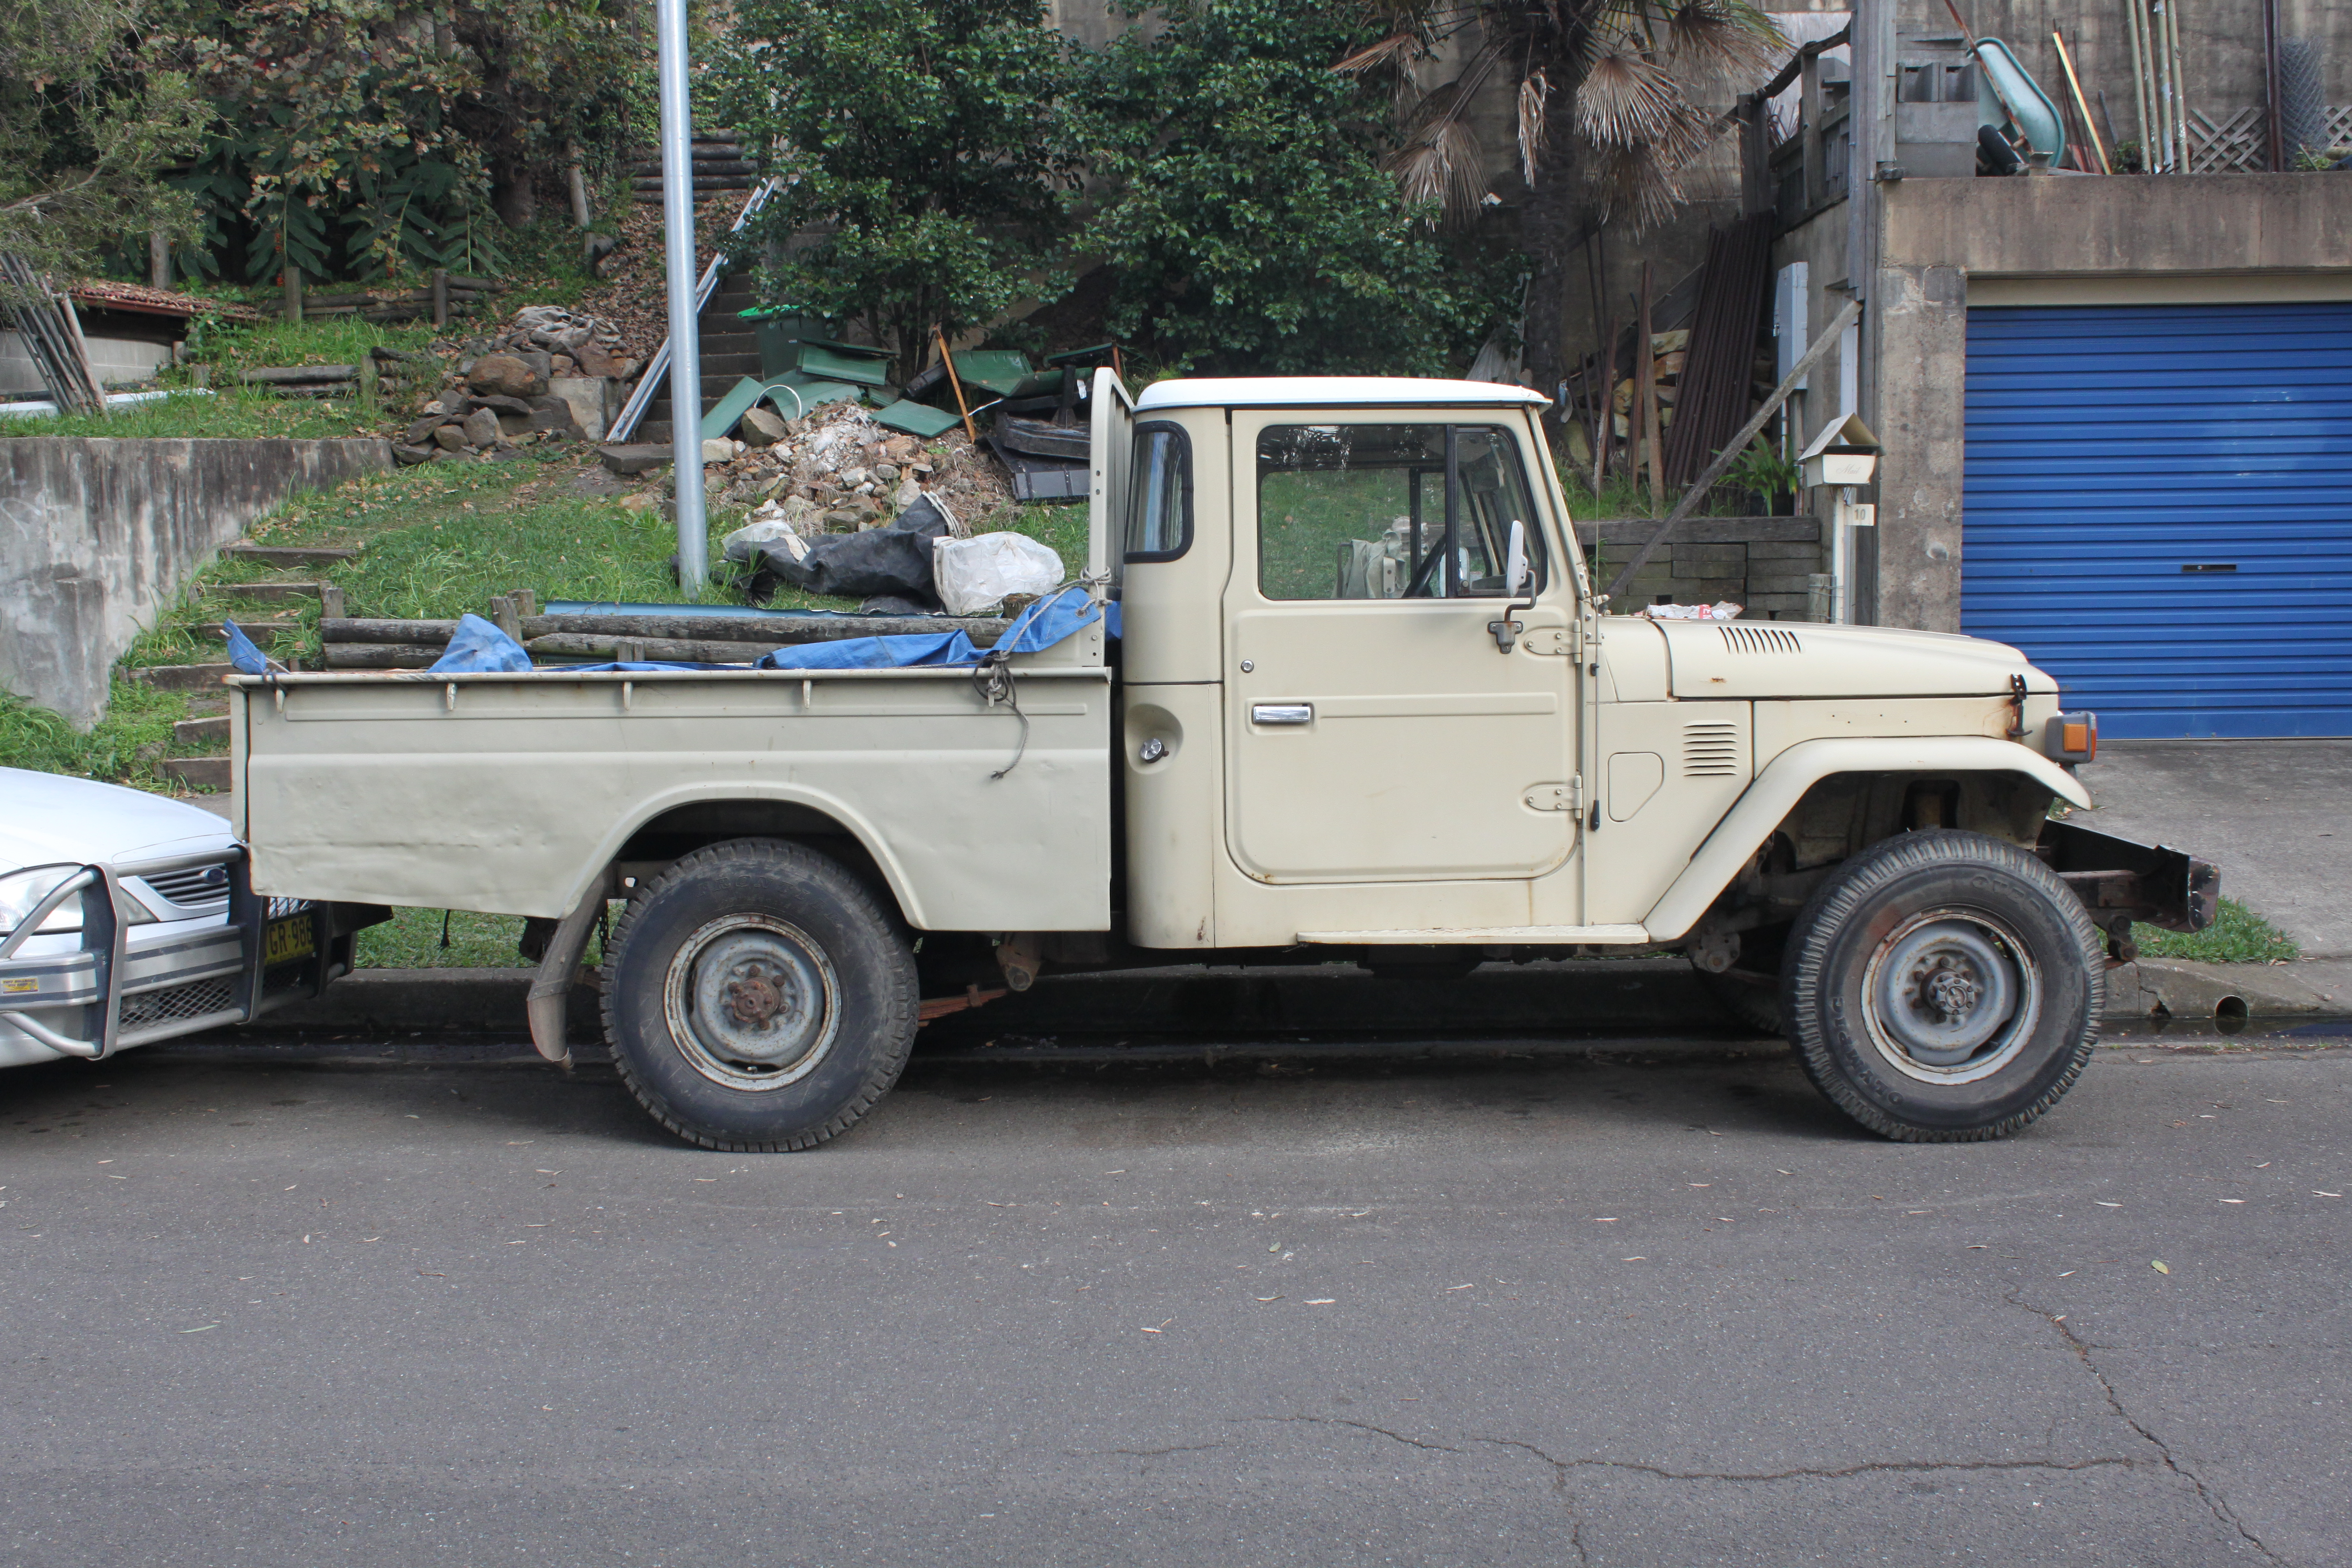 File:1983 Toyota Land Cruiser (FJ45 or HJ47) utility (18266116703